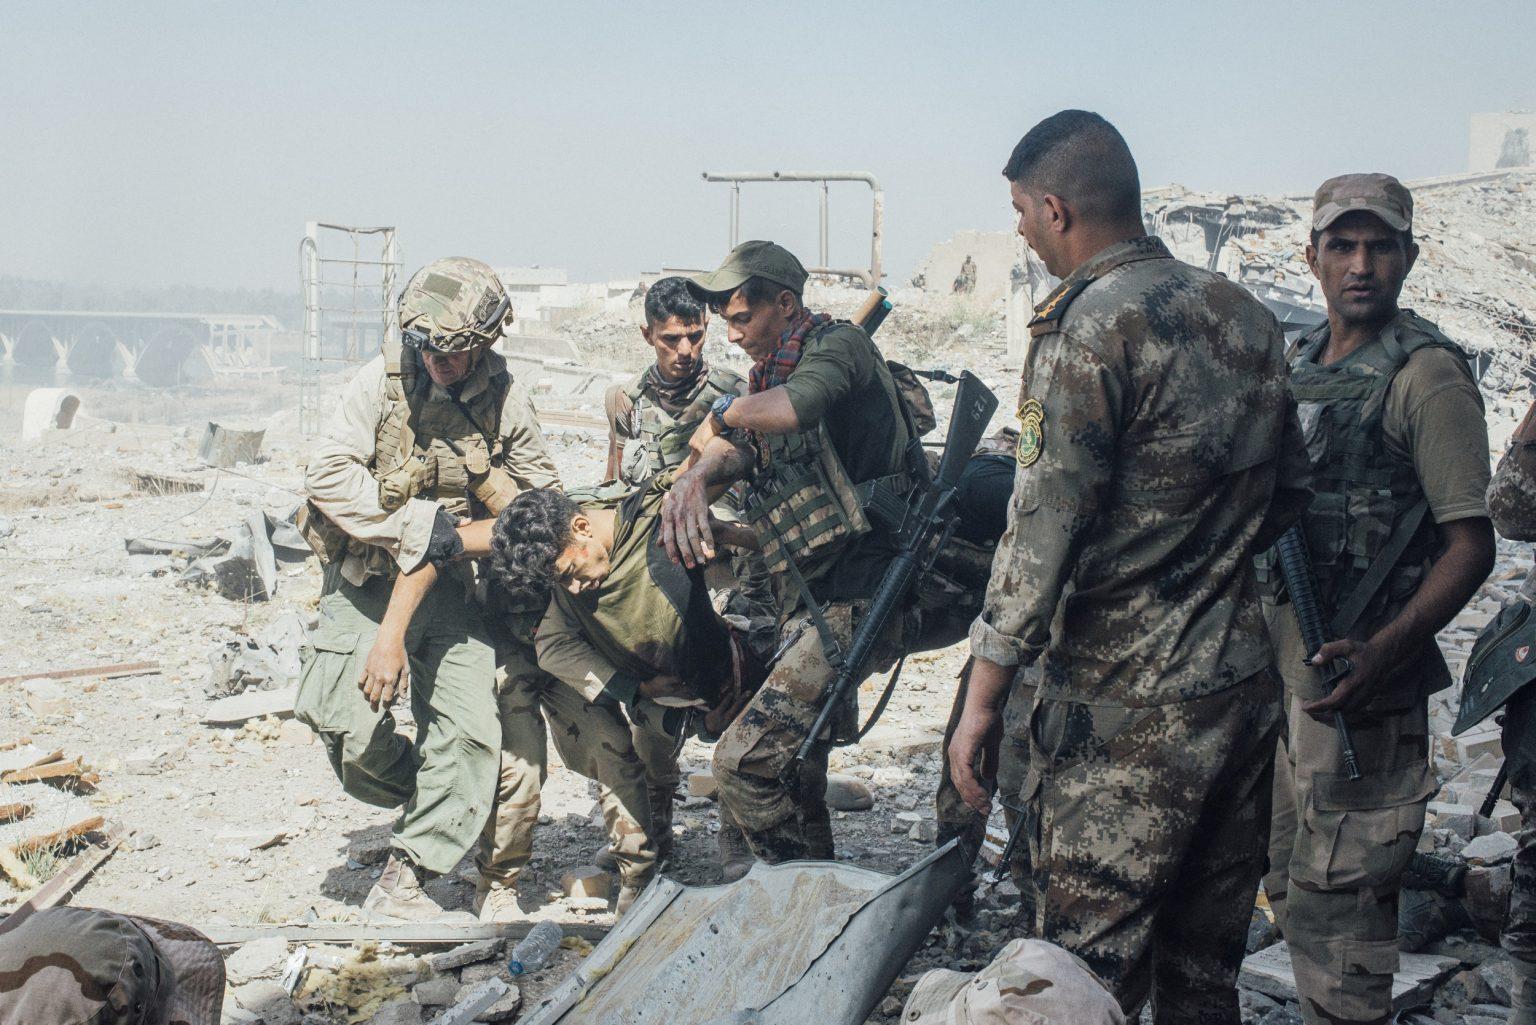 A member of the Iraqi Army hit by an Isis sniper during an attempt to retake Al-Shifa Hospital, is carried away from the front line, in west Mosul. Iraq, 2017  IRAQ. Mosul. Maggio 2017 - Un membro dell'esercito iracheno colpito da un cecchino dell'Isis durante un'operazione per riprendere il controllo dell'ospedale Al-Shifa, nella parte ovest di Mosul.